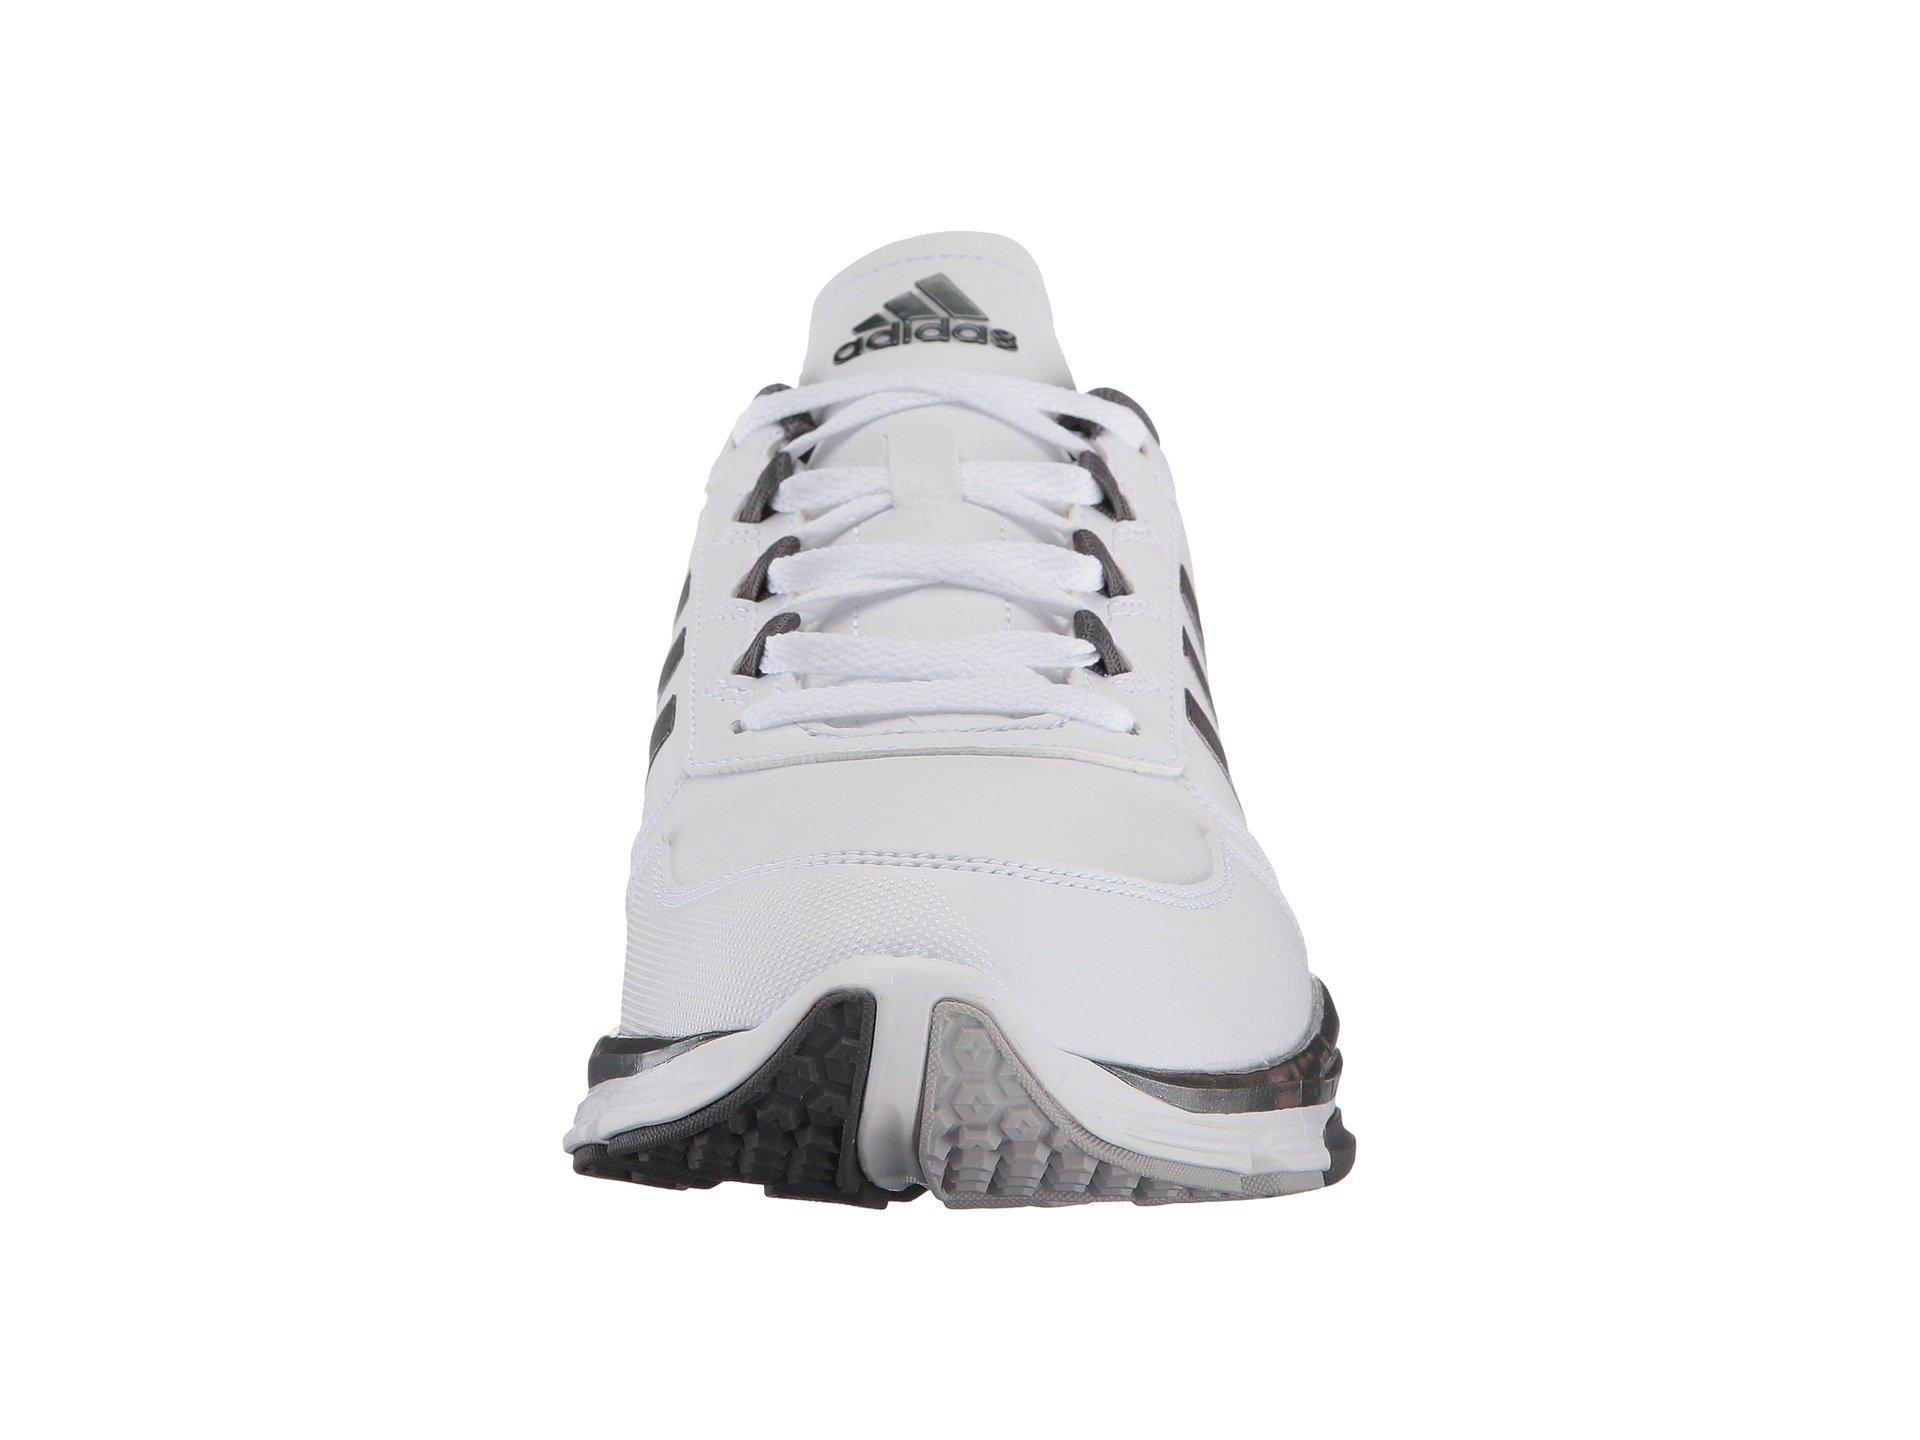 52a3cdb4bea Lyst - Adidas Speed Trainer 2 Slt for Men